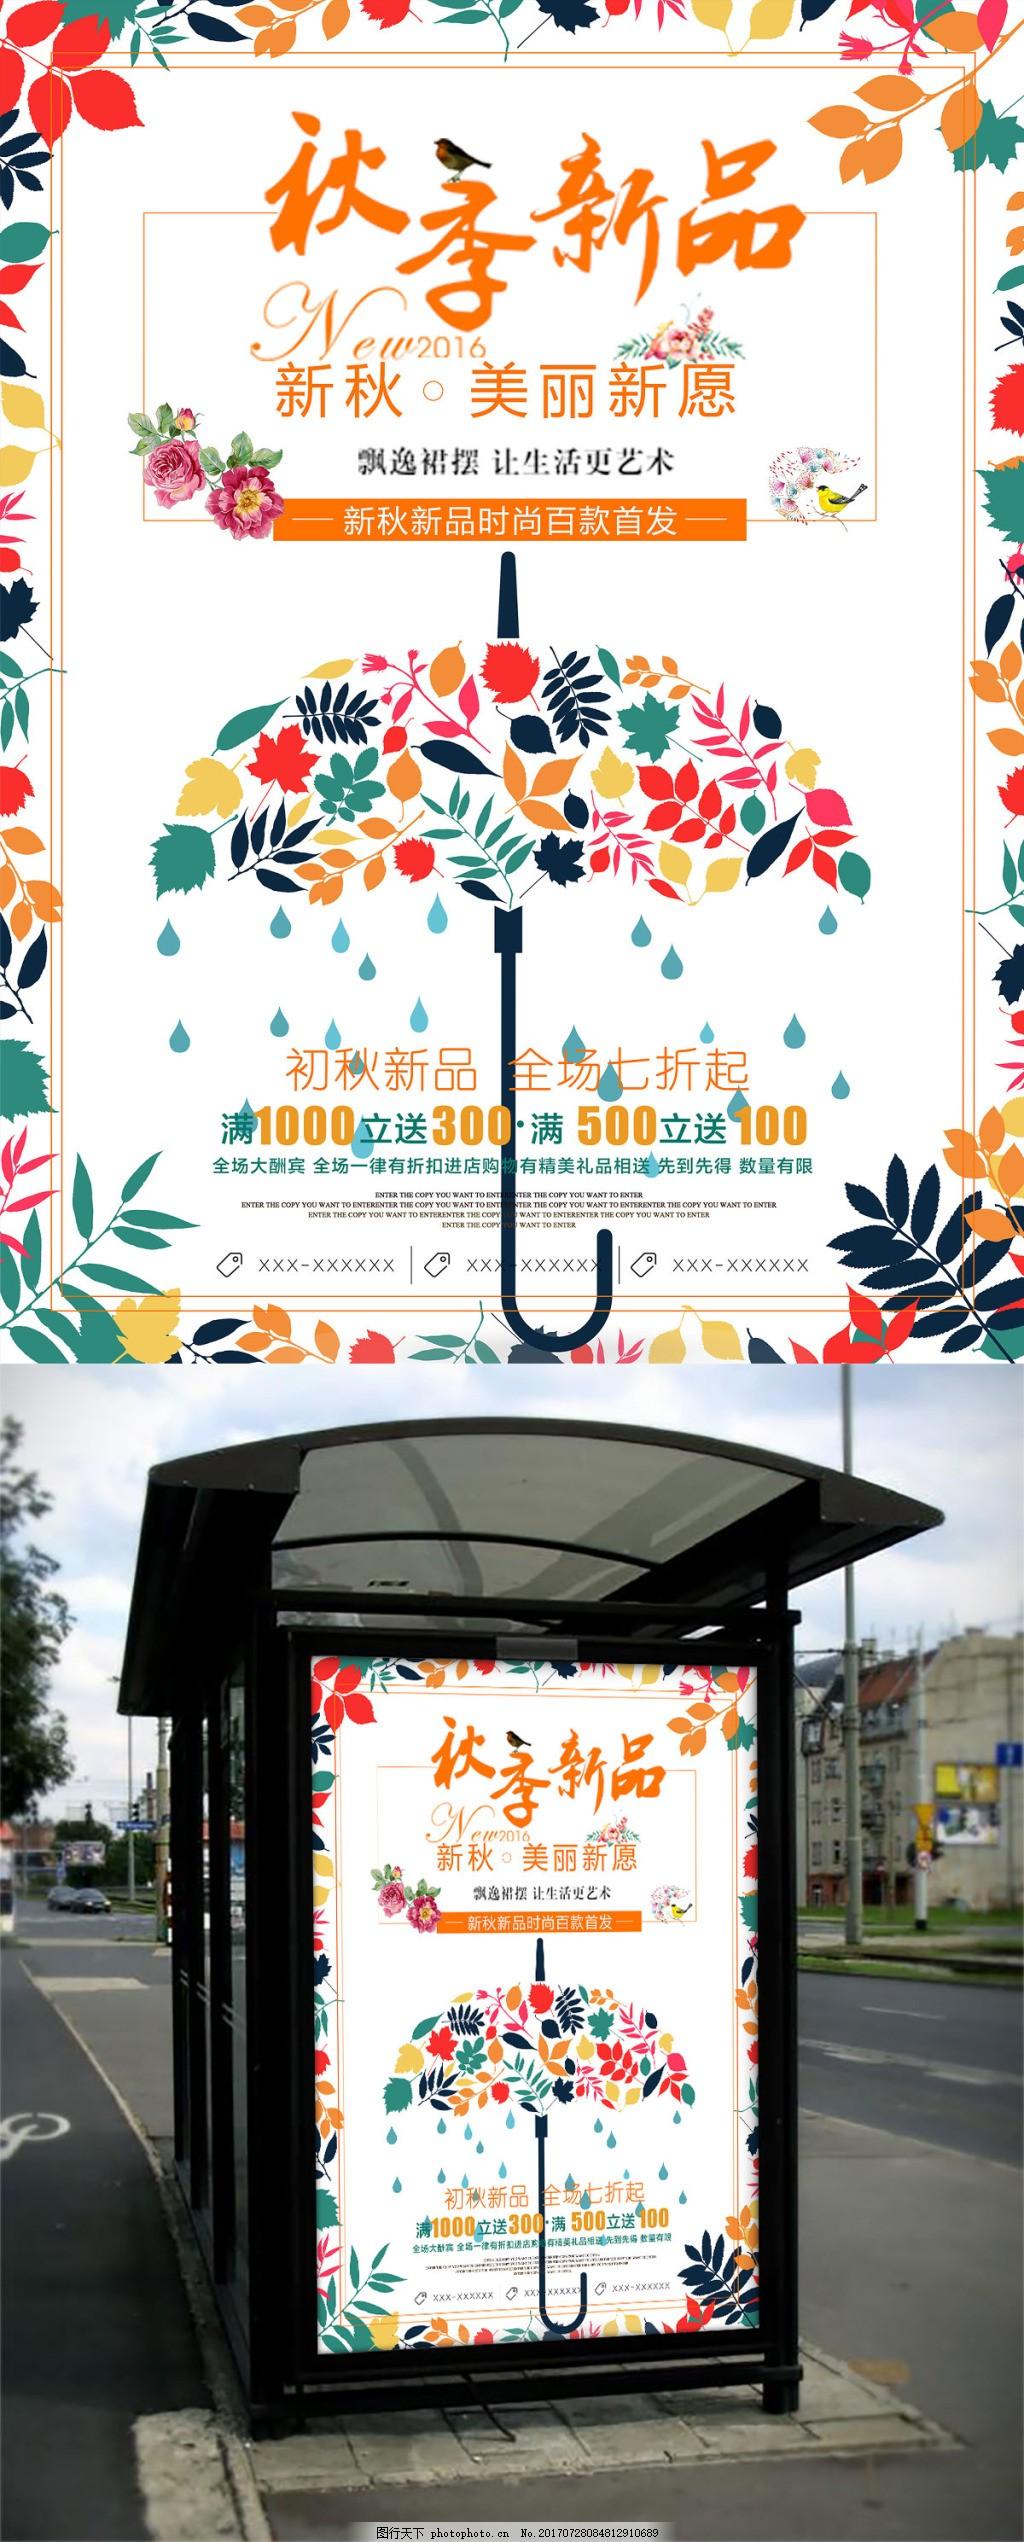 文艺秋季上新新品促销活动宣传海报设计